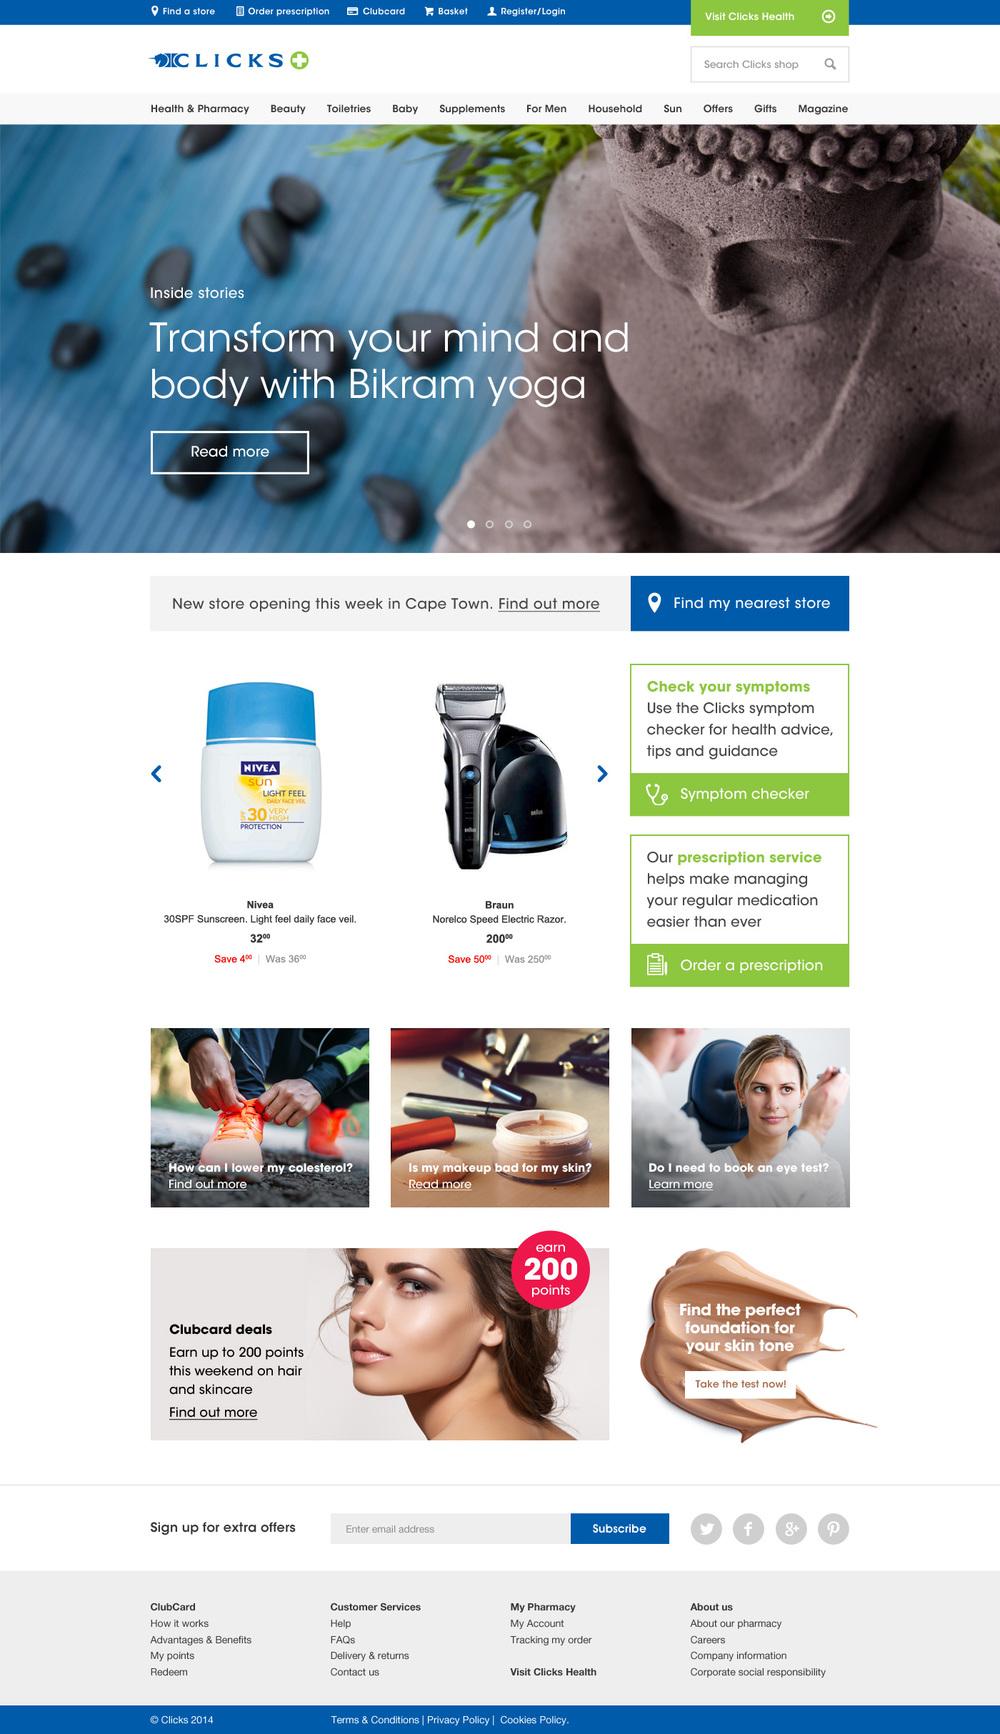 Clicks_Homepage_v3.jpg